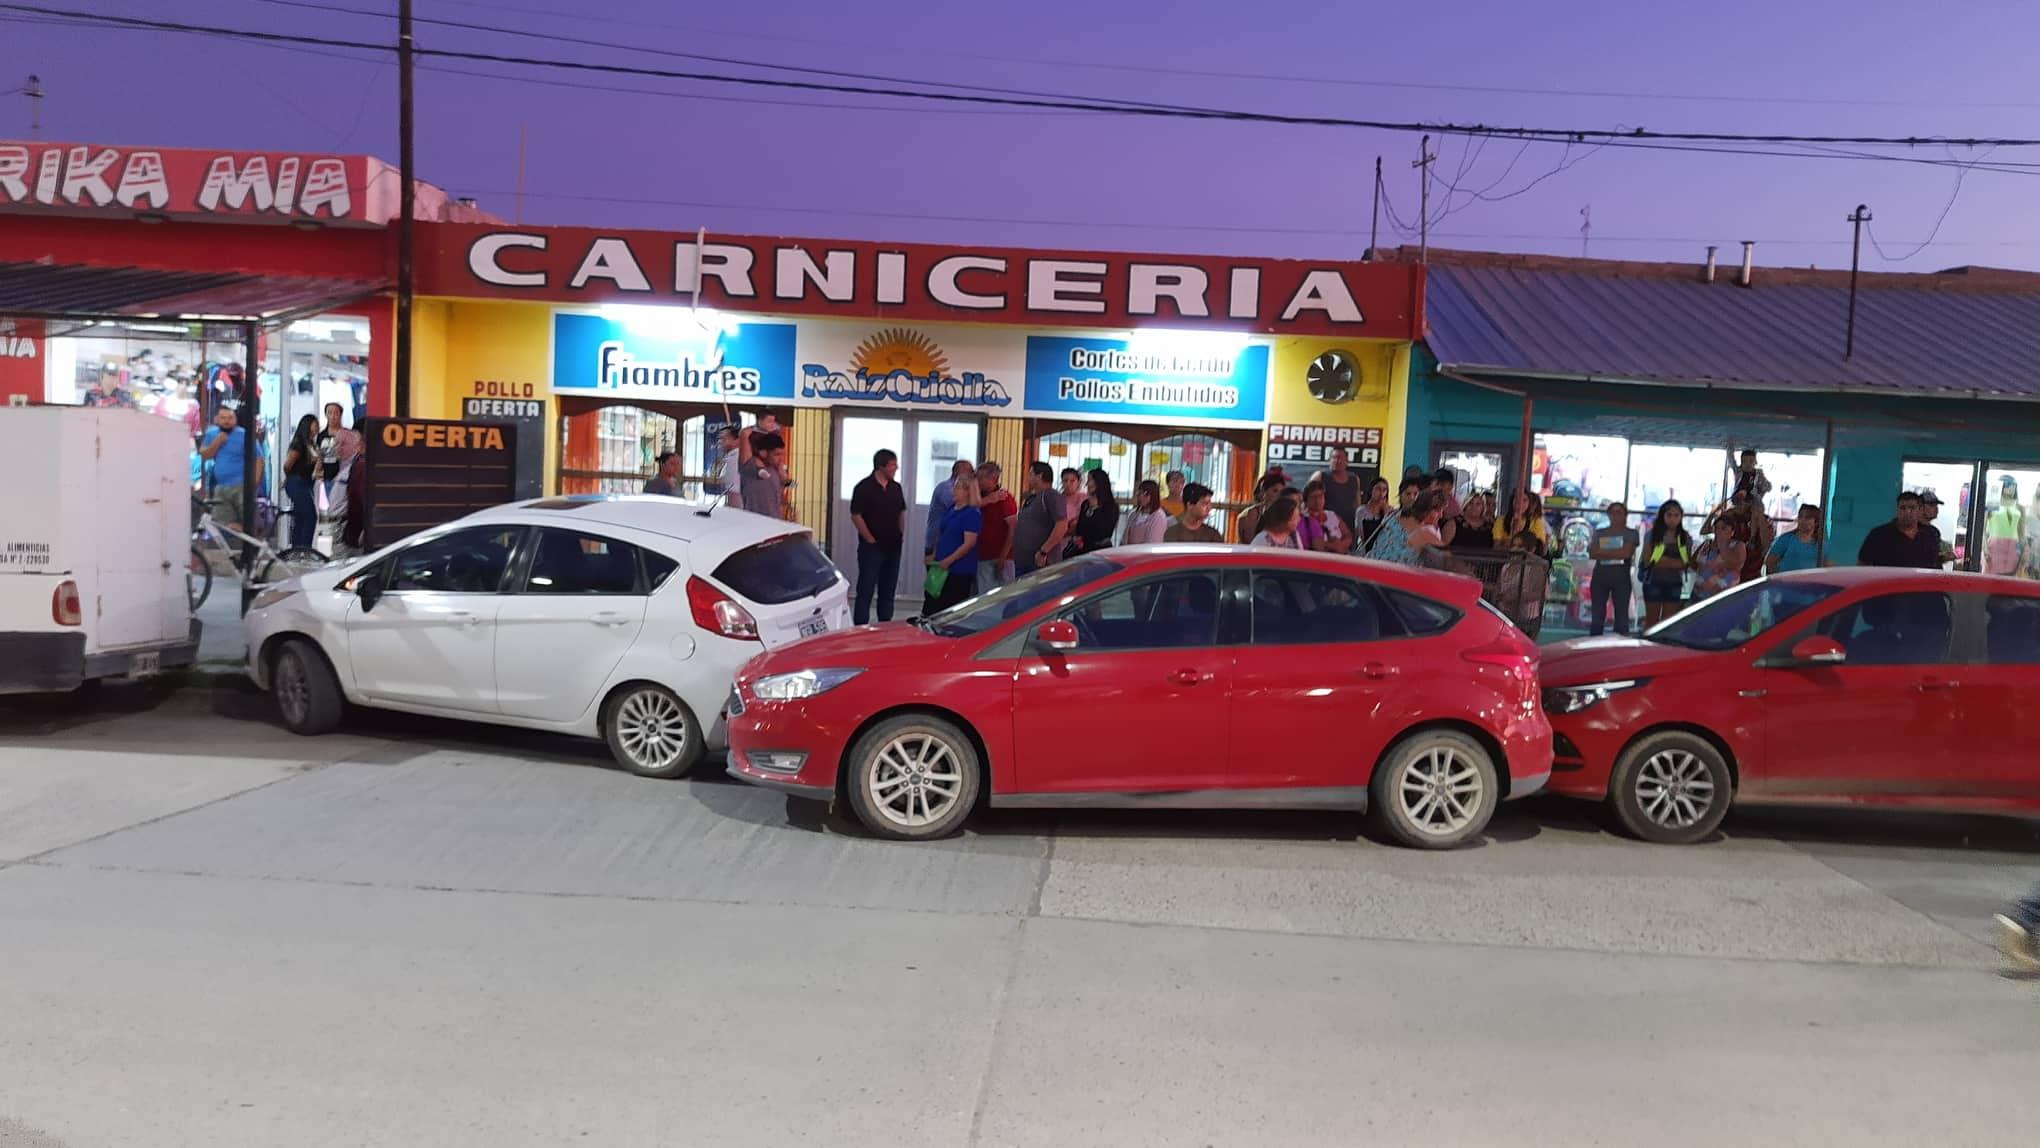 triple choque2 - Catriel25Noticias.com